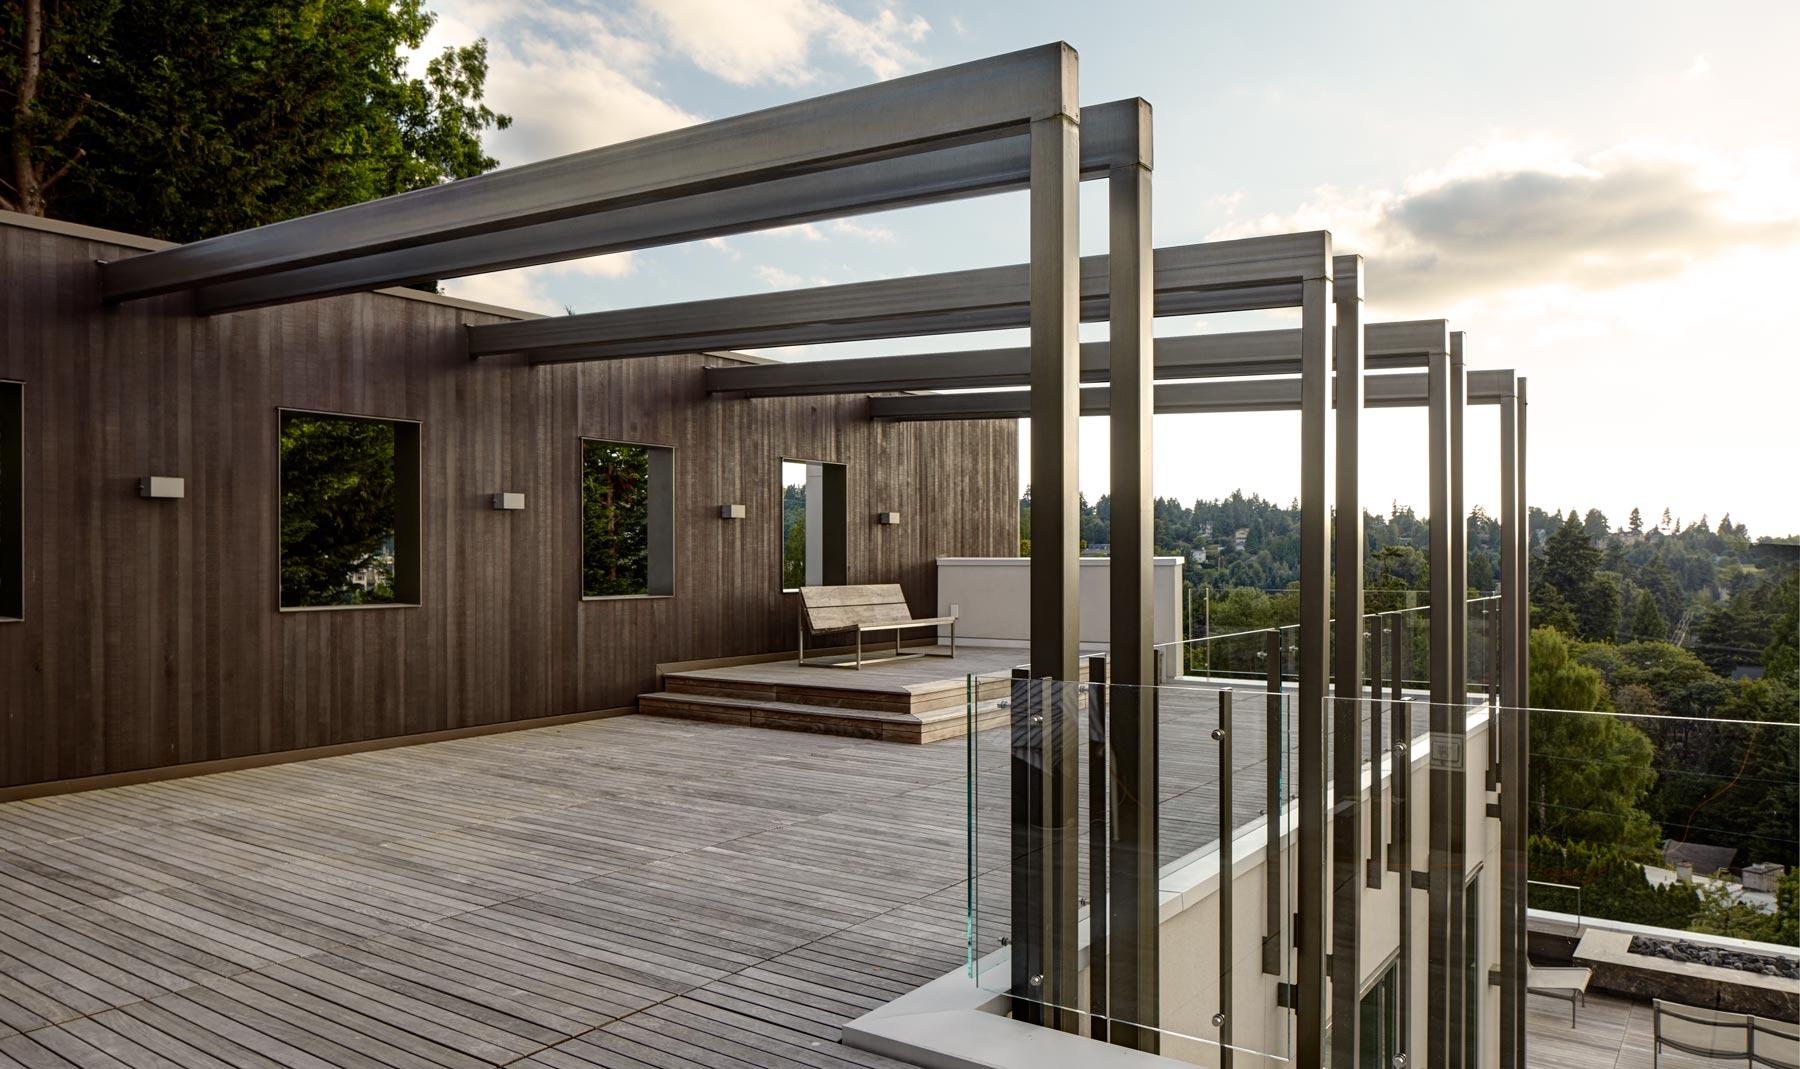 Mercer Island Residence designed by Stuart Silk